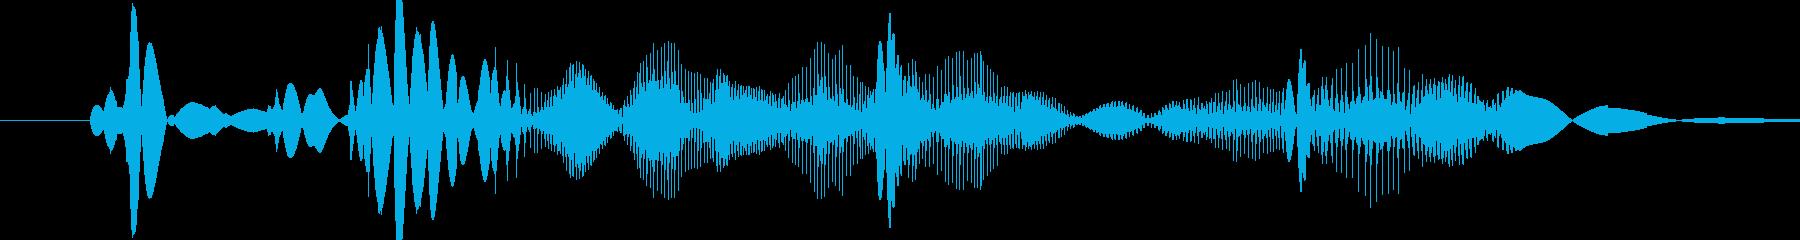 レコードスクラッチの再生済みの波形